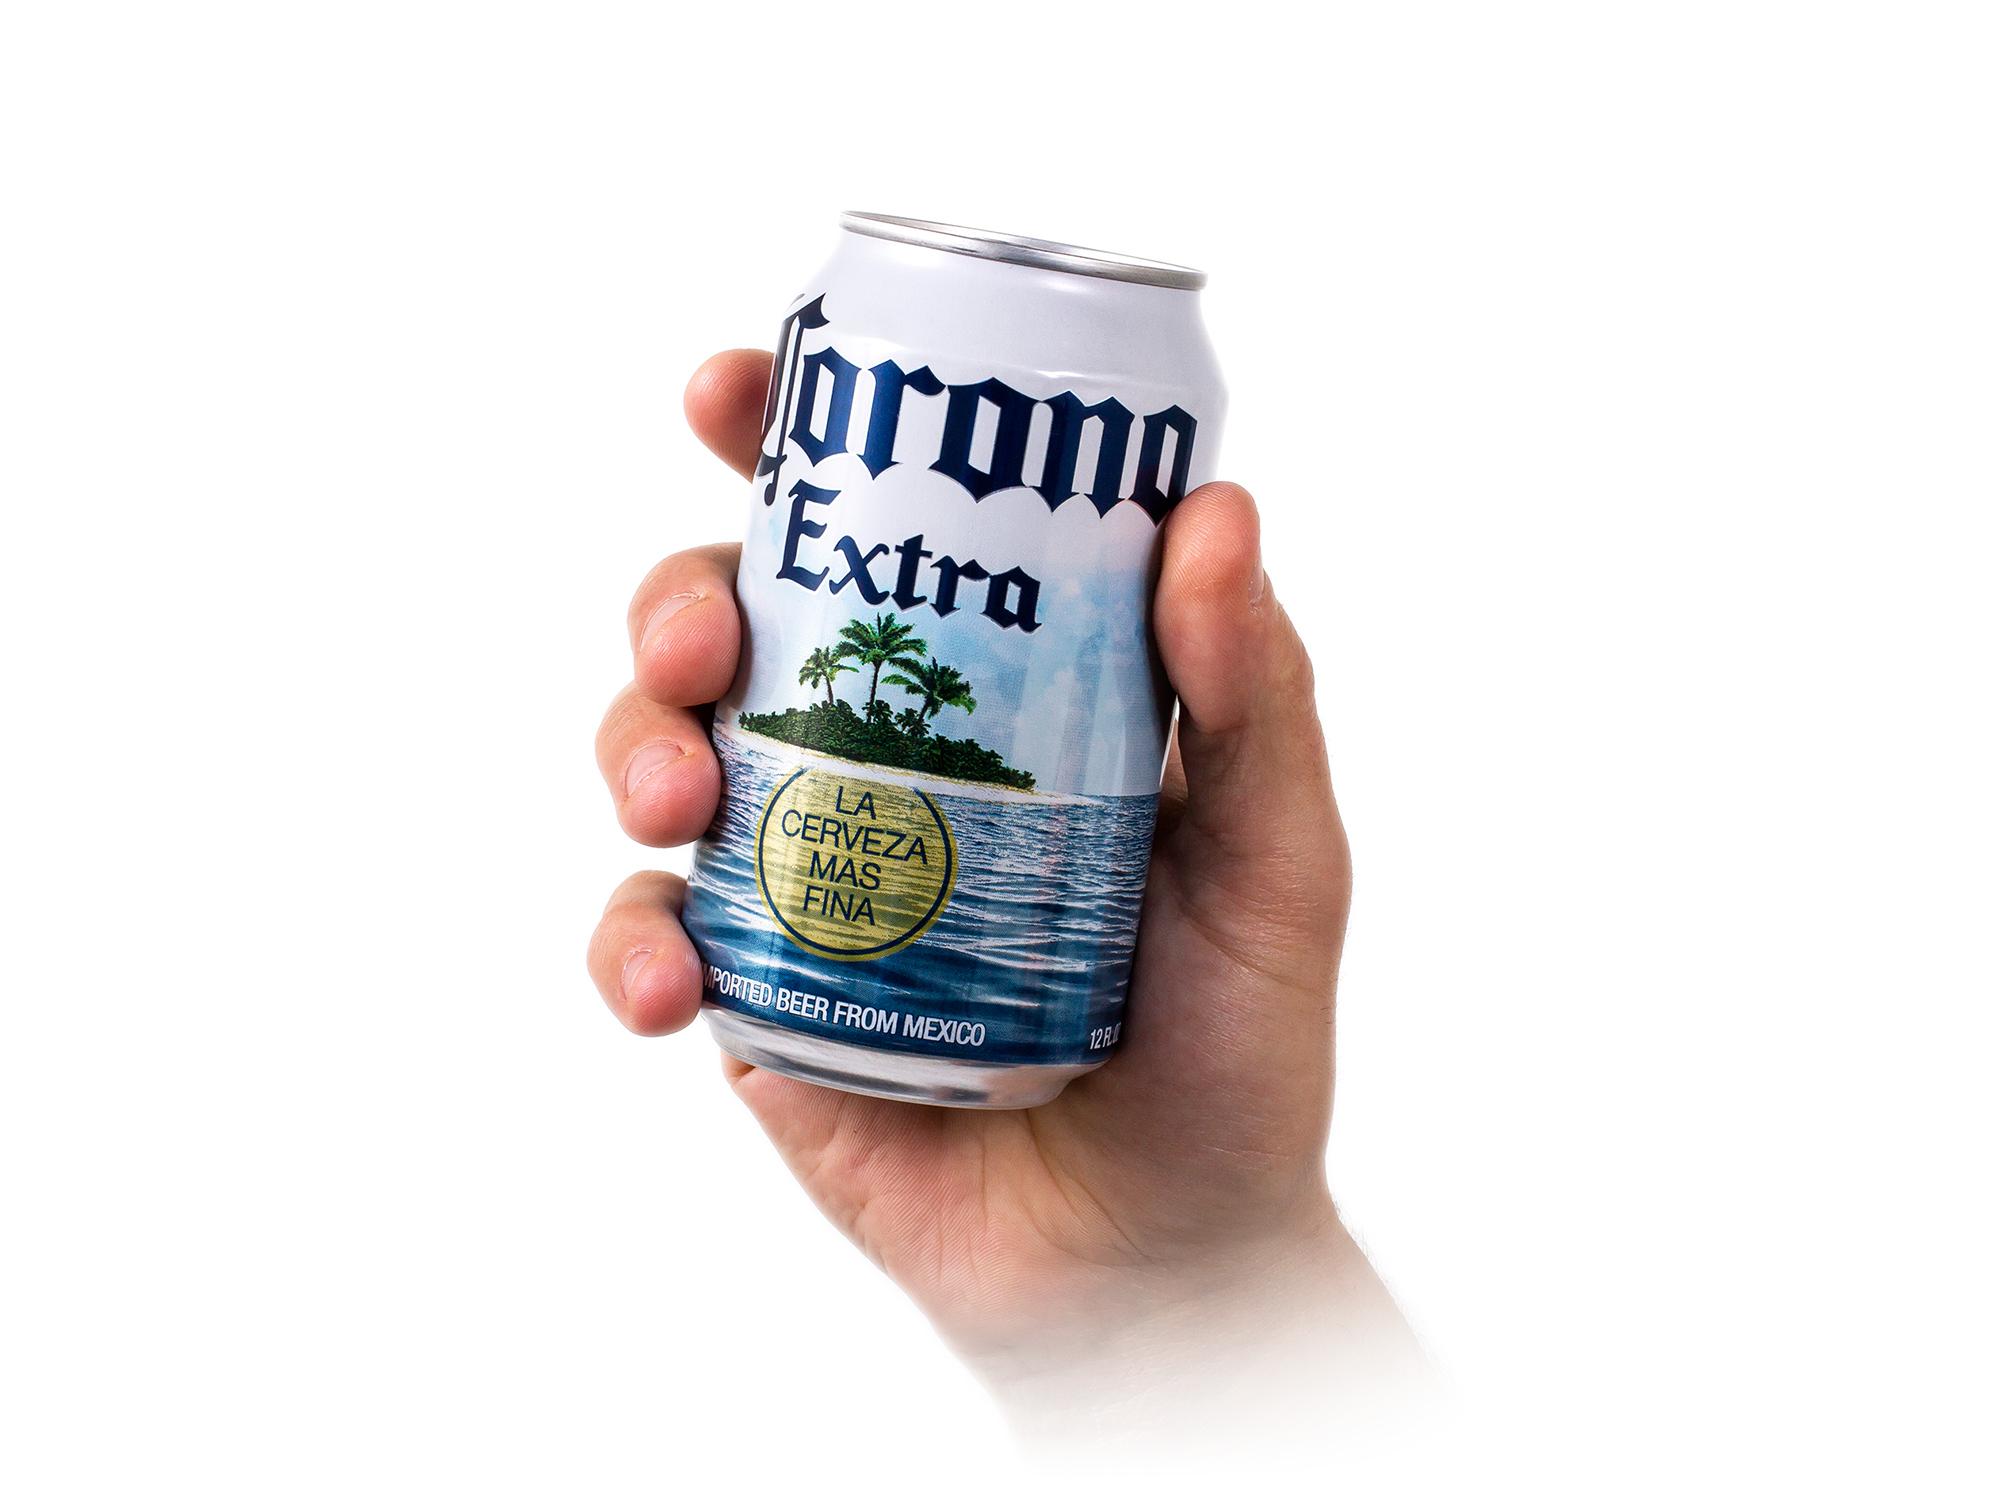 corona-can-hand-2